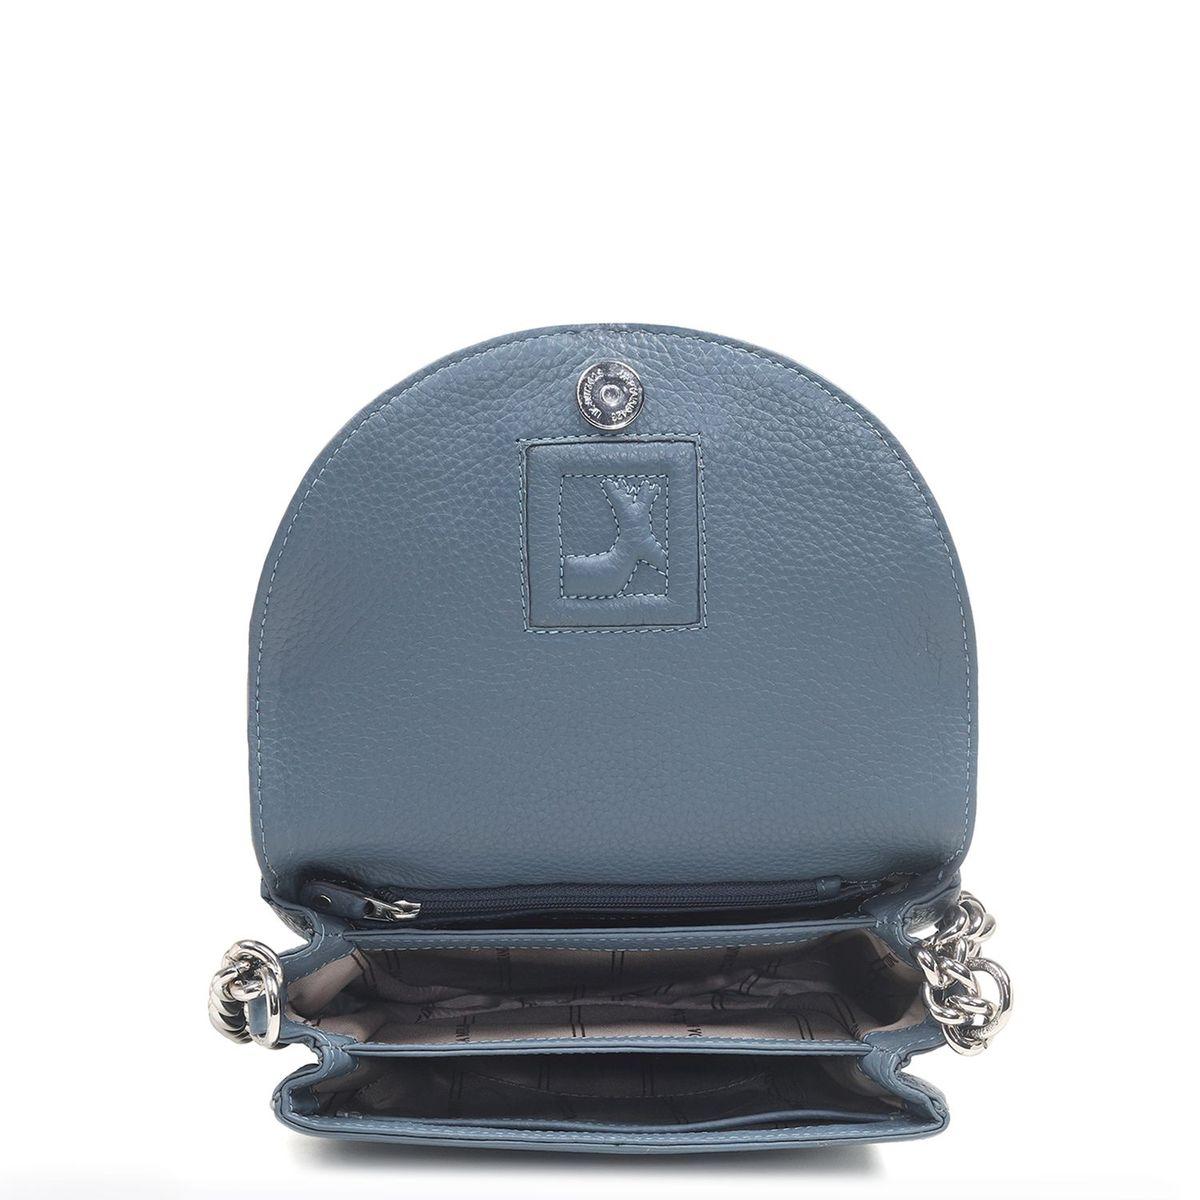 8f4027e431 zoom Da Milano Grey Sling Bag. 1  2  3